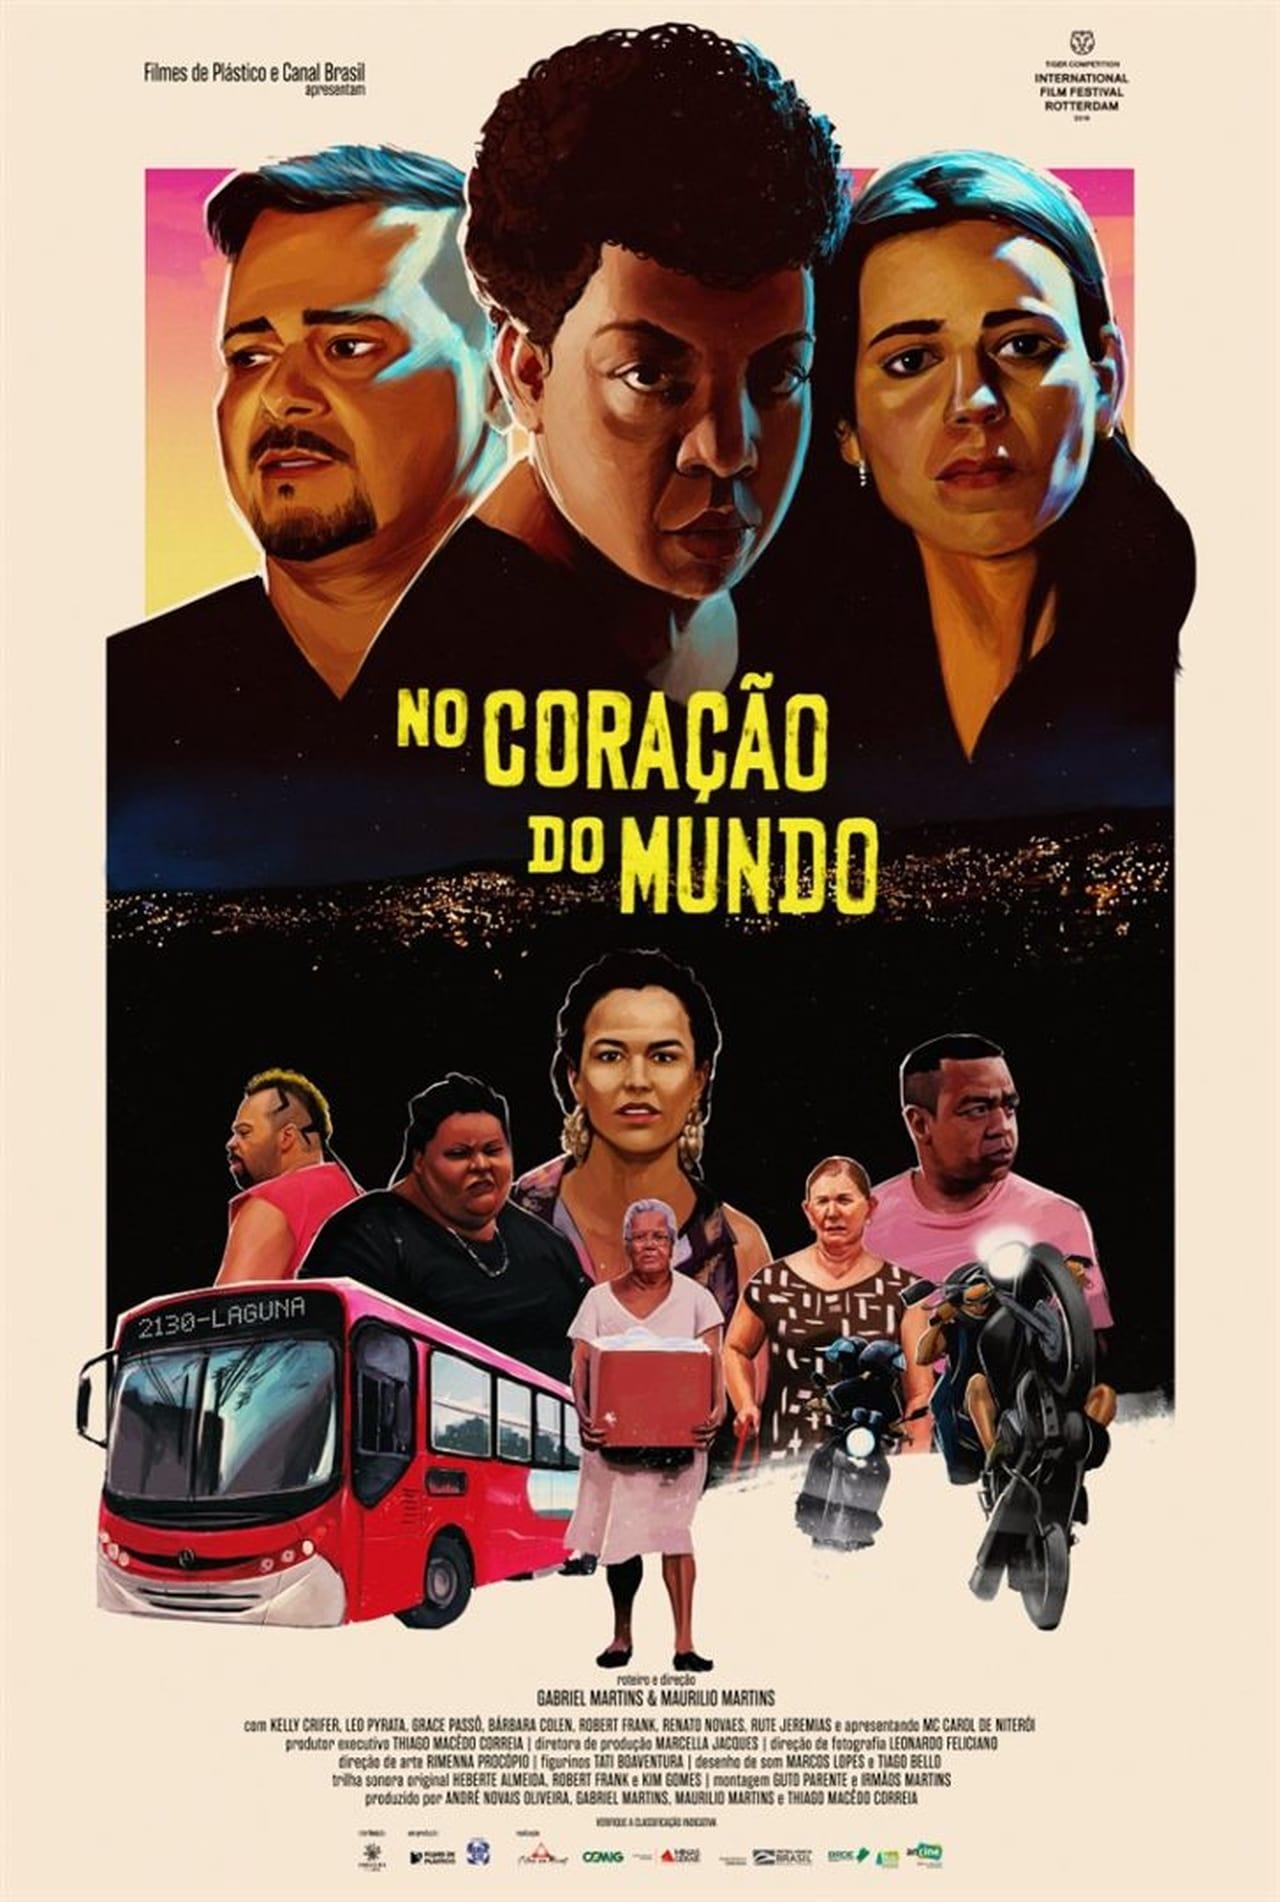 No Coração do Mundo (2019) - IMDb